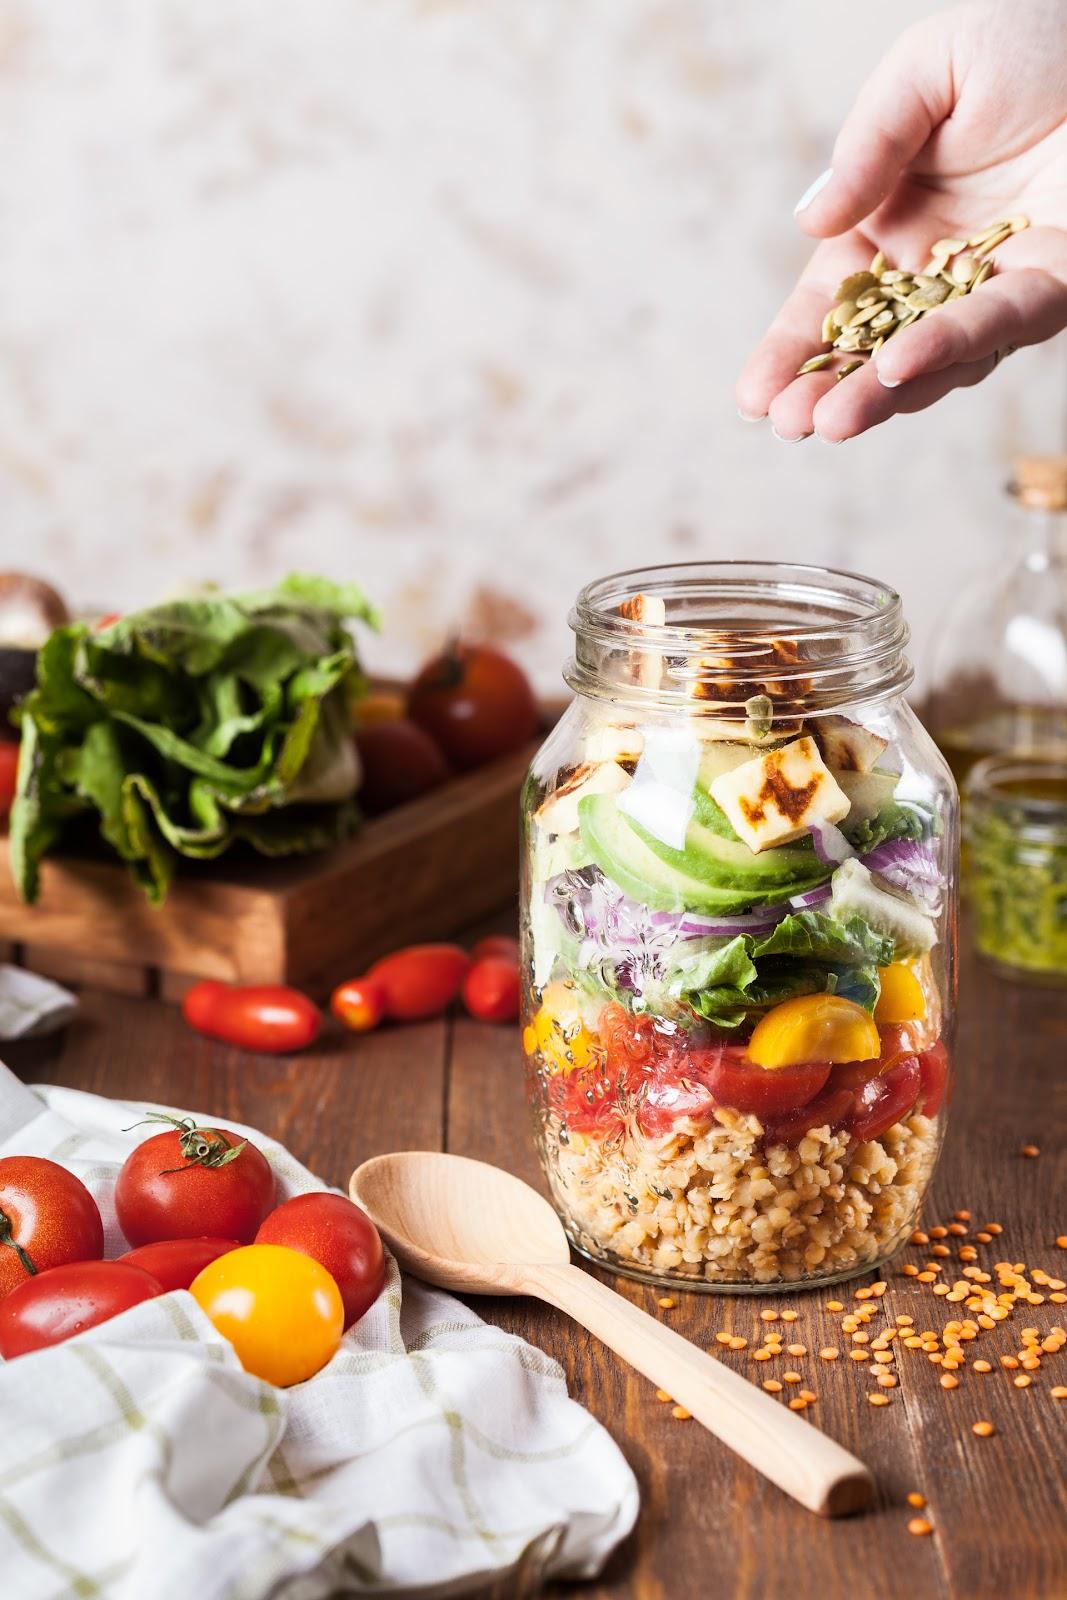 Nossa nutricionista aconselha deixar os molhos por baixo, depois os grãos e só depois os vegetais (Fonte: Unsplash)